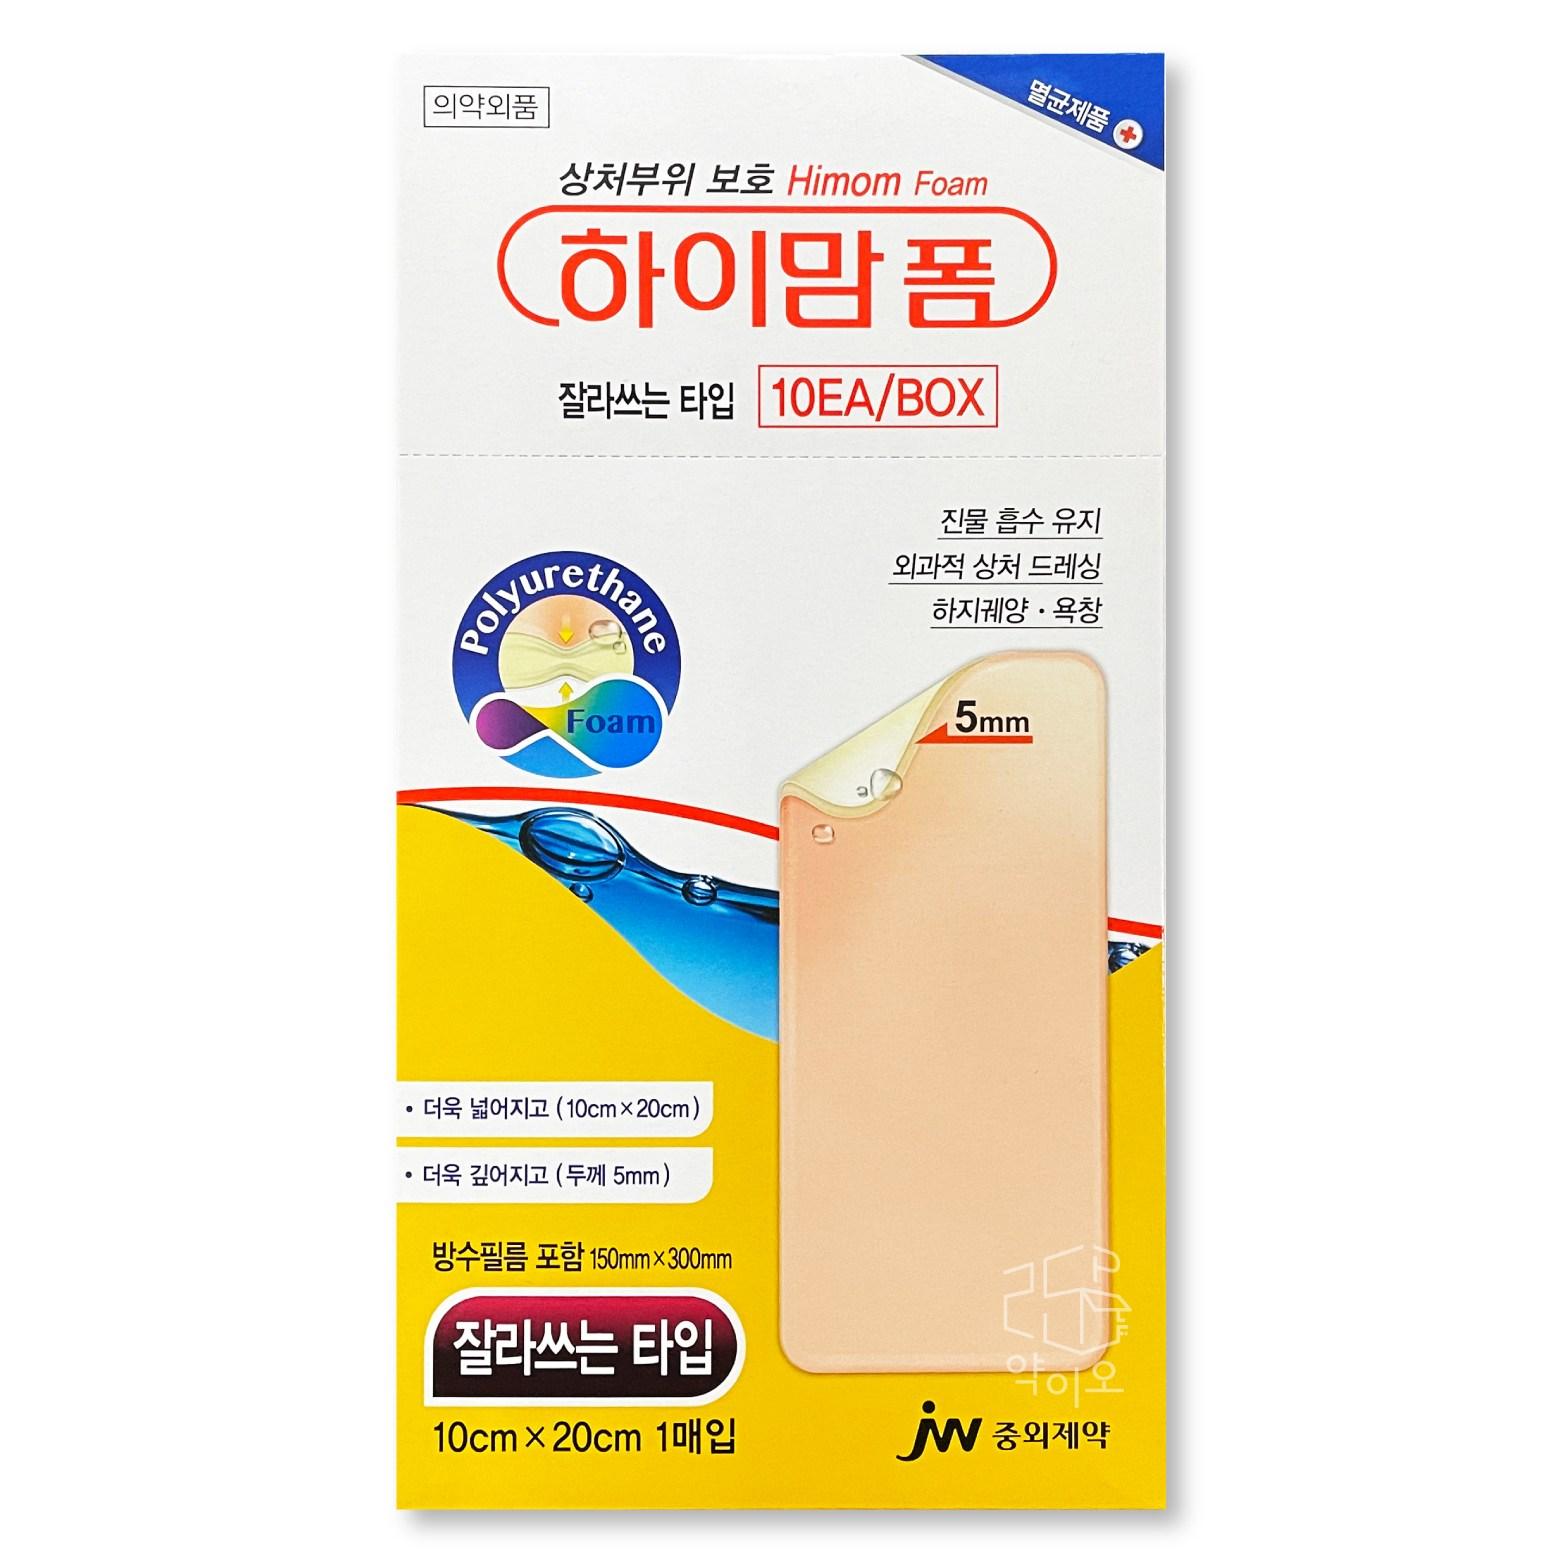 JW중외제약 하이맘폼 5mm 잘라쓰는 타입, 1박스 (10매입) (POP 5508622963)